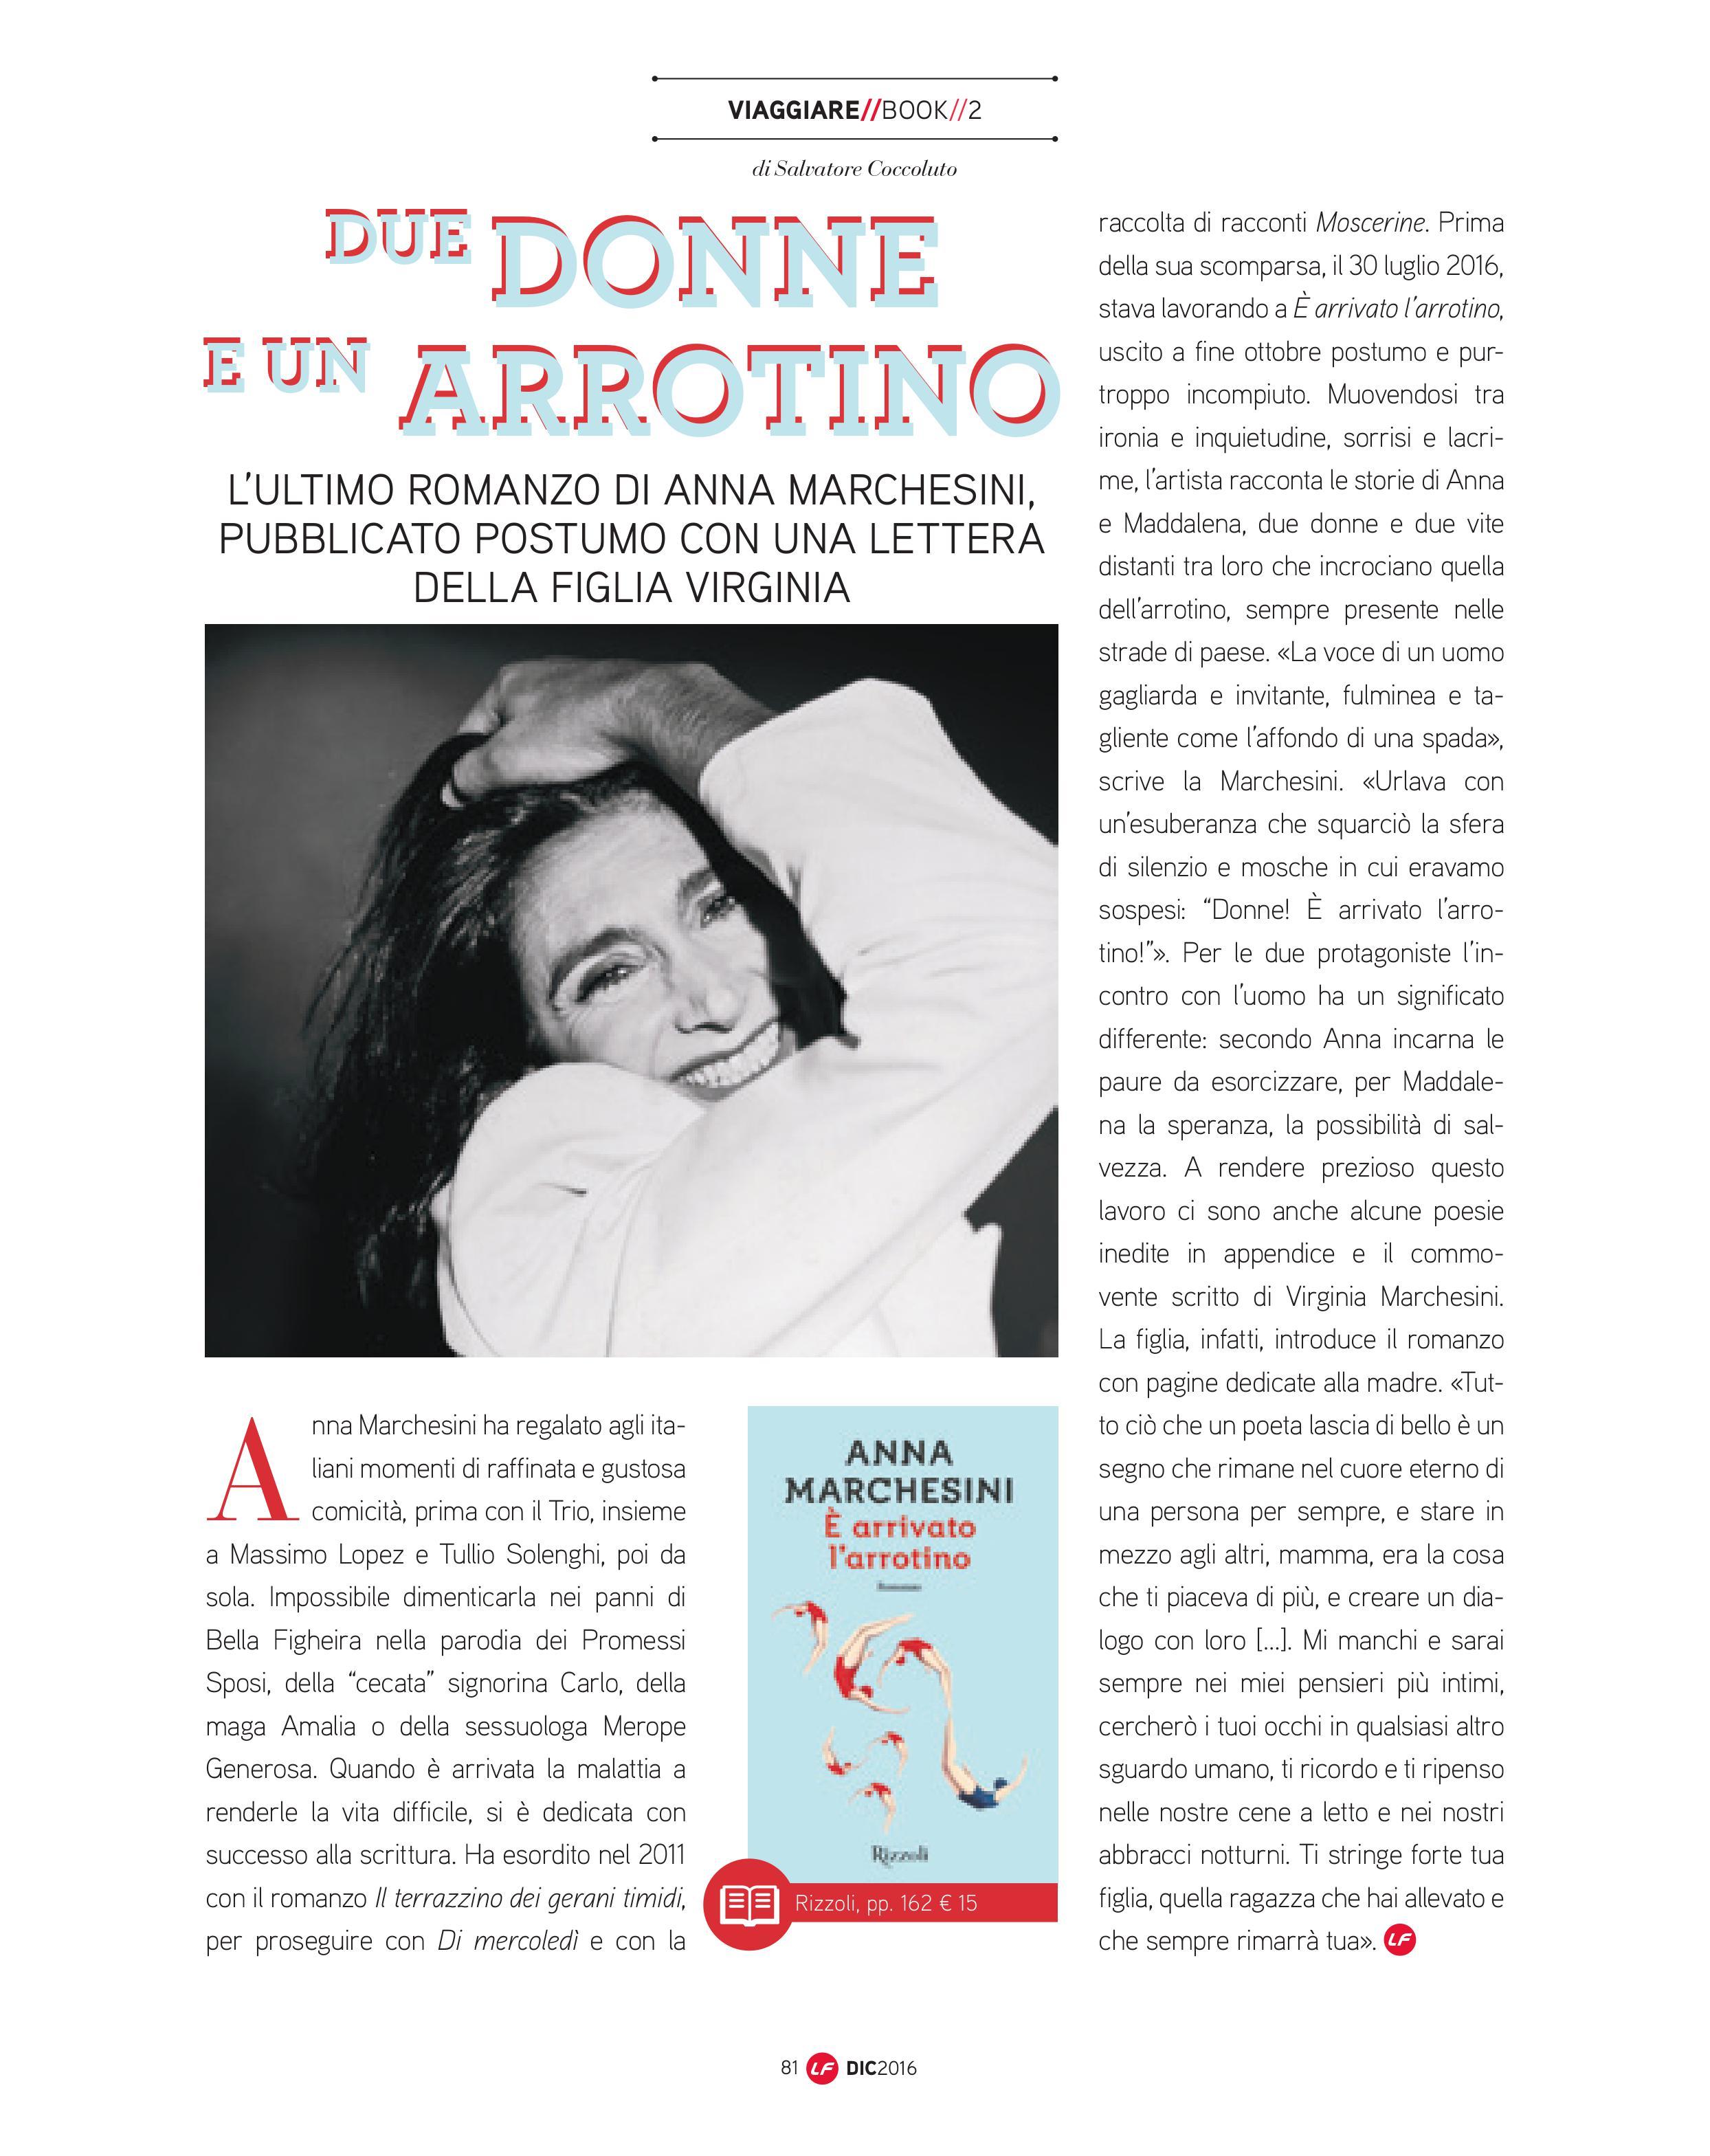 L'ultimo romanzo di Anna Marchesini